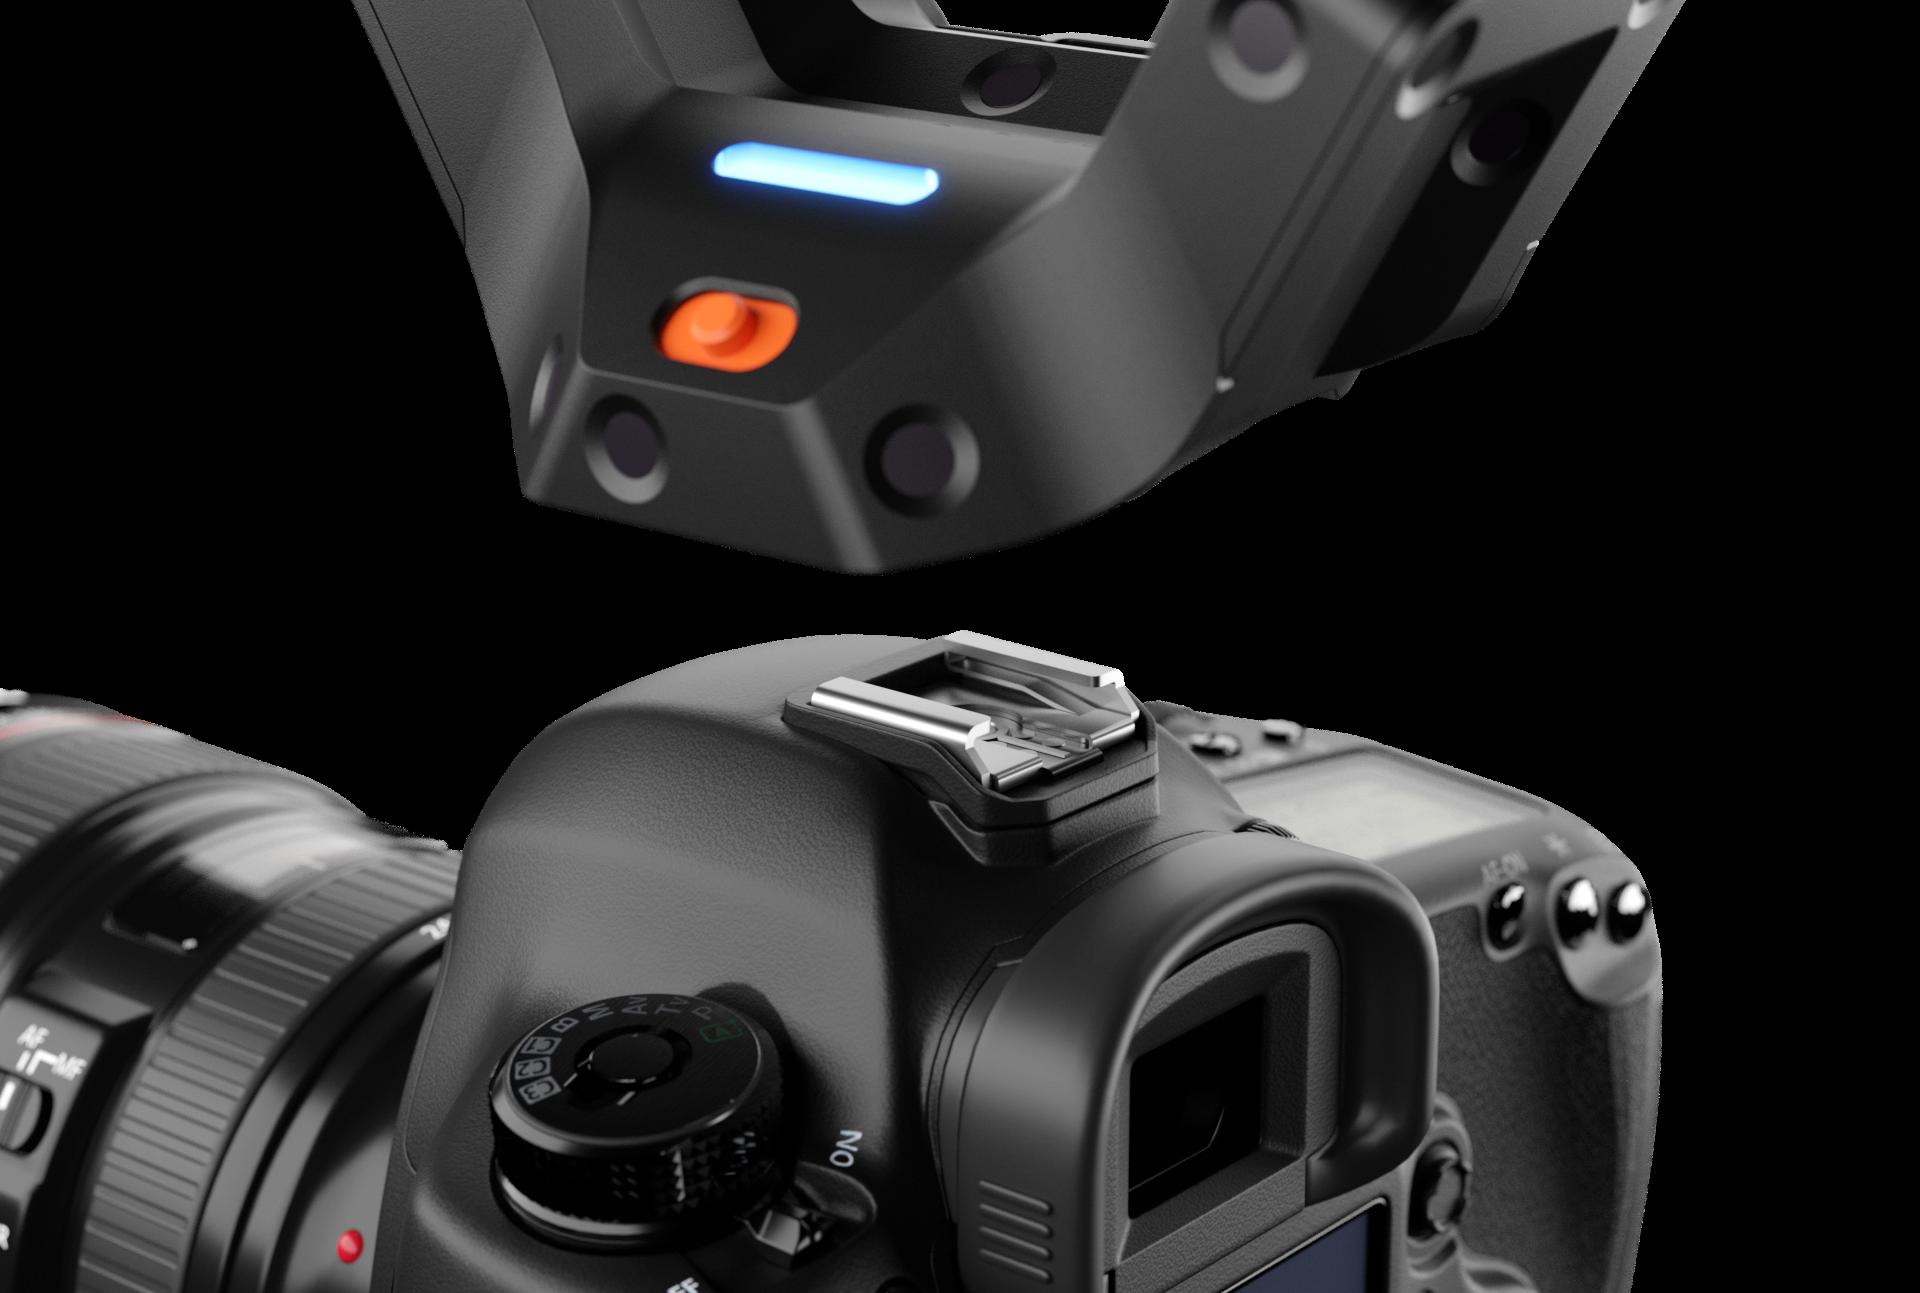 Manus Pro Tracker for SteamVR